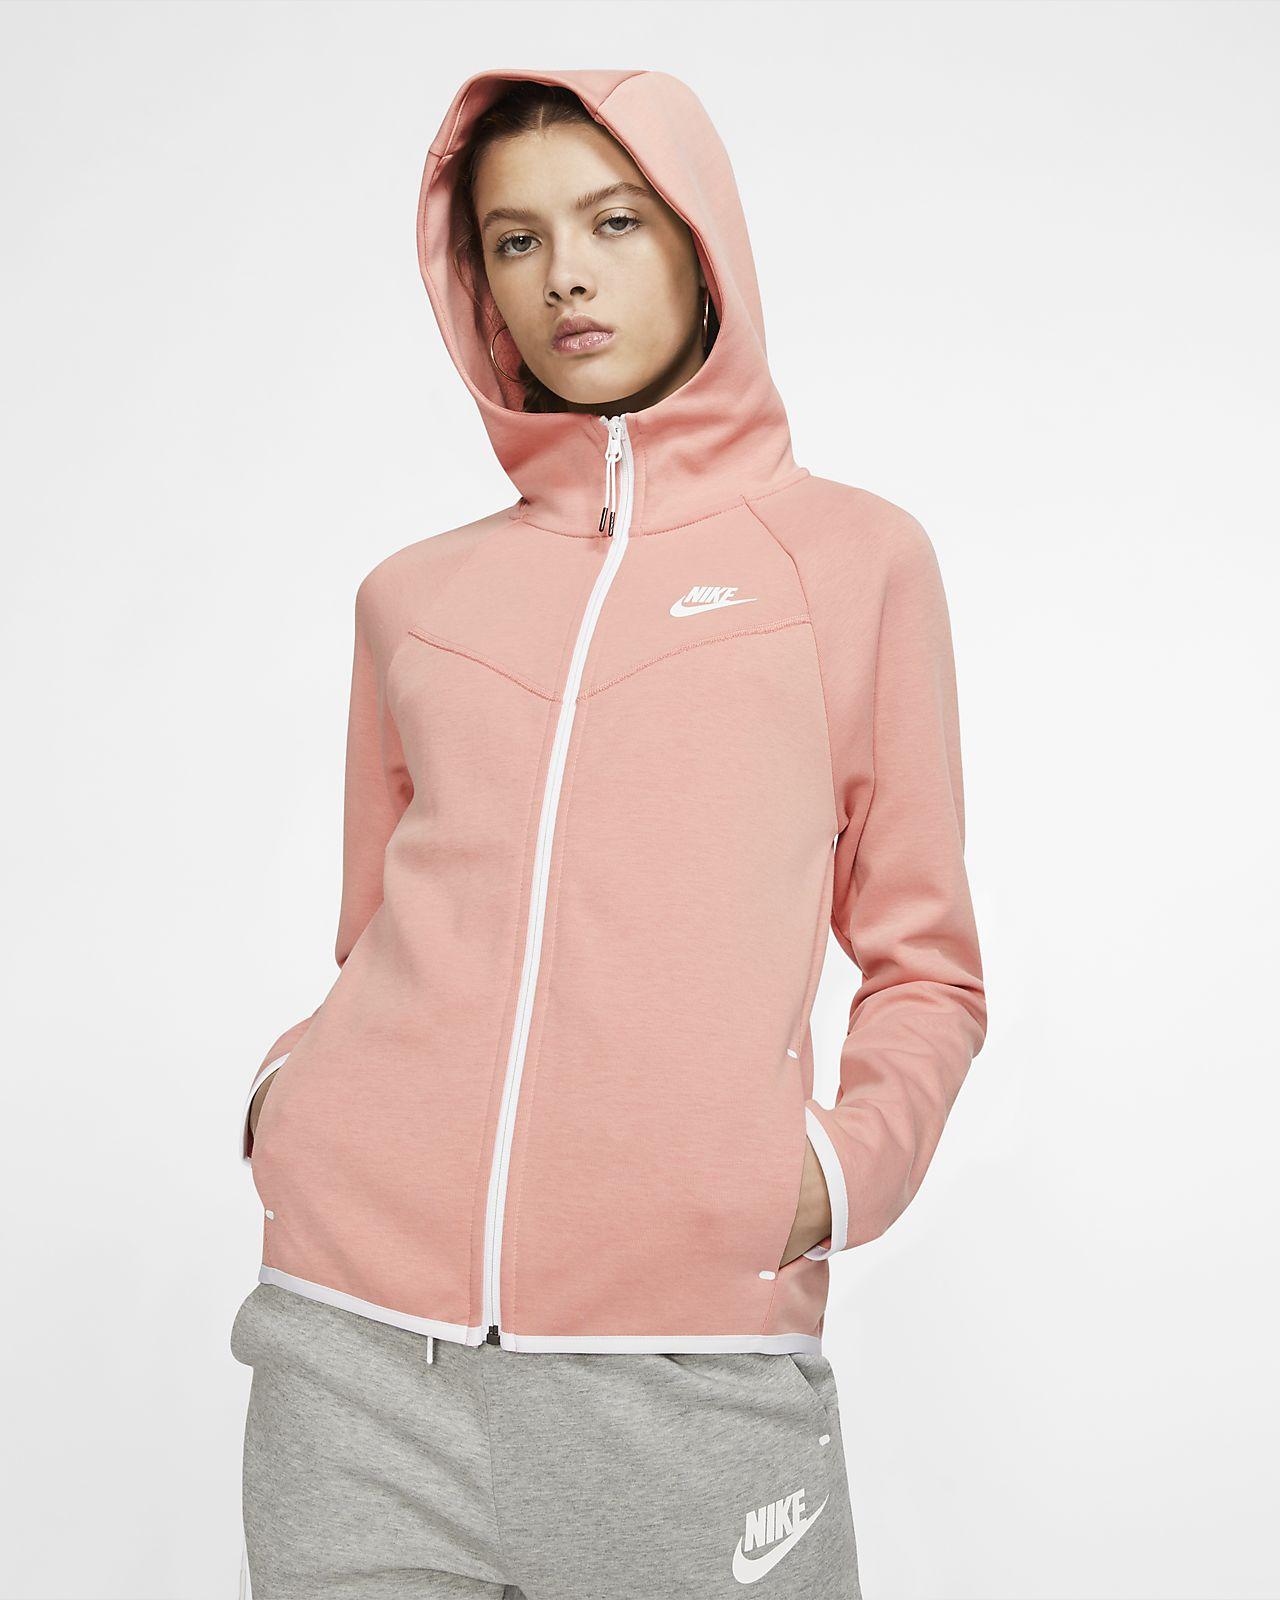 niesamowity wybór wyprzedaż resztek magazynowych dobrze out x Damska rozpinana bluza z kapturem Nike Sportswear Windrunner Tech Fleece